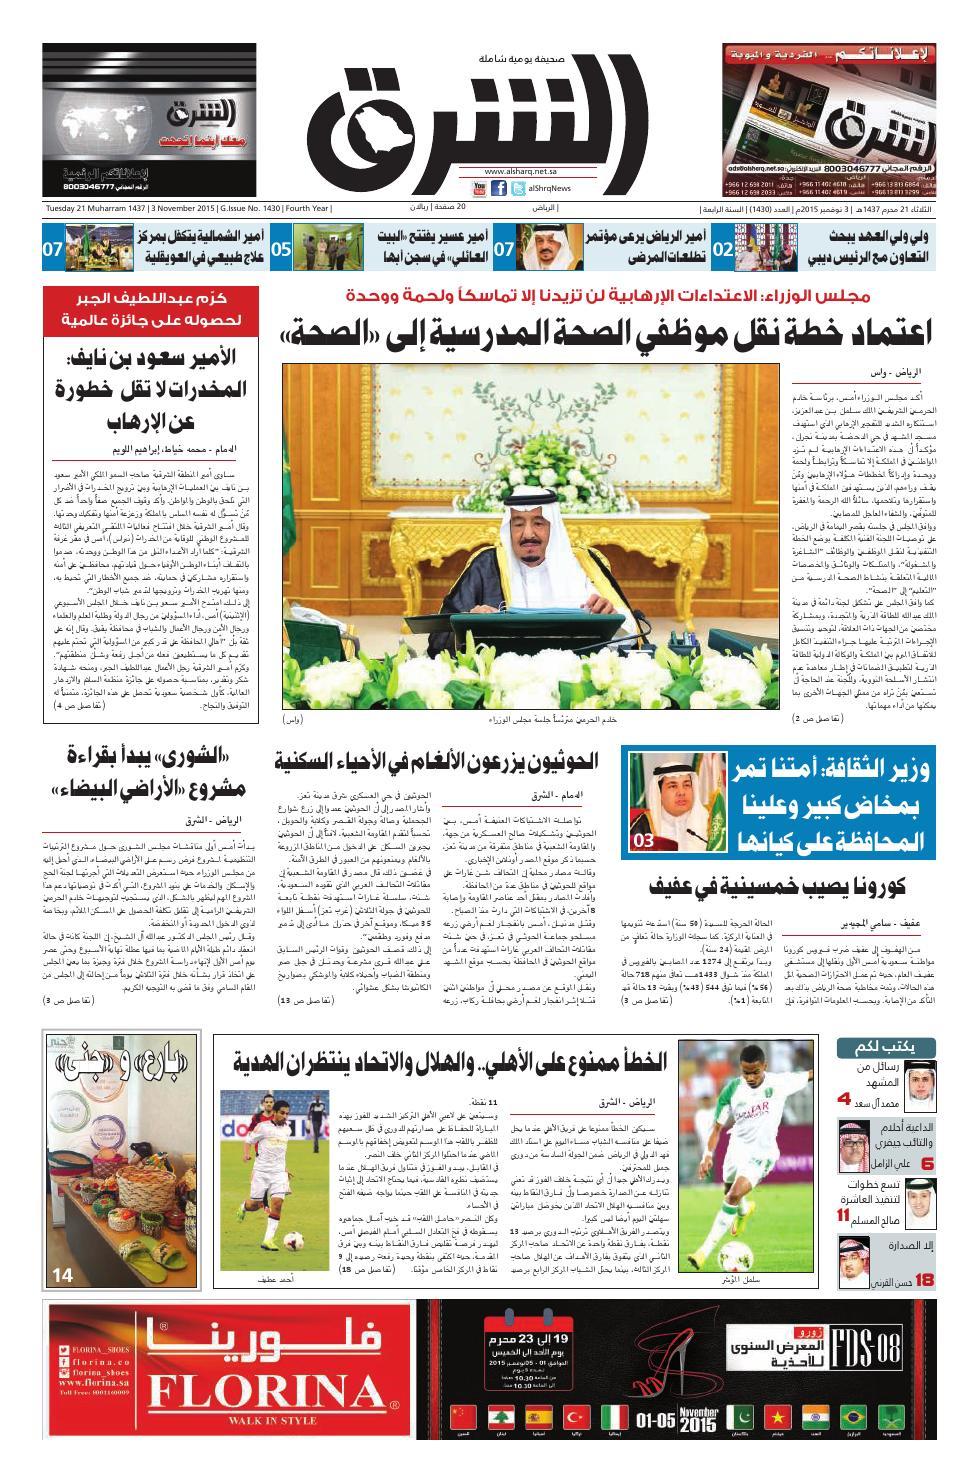 d28c3d4b7 صحيفة الشرق - العدد 1430 - نسخة الرياض by صحيفة الشرق السعودية - issuu